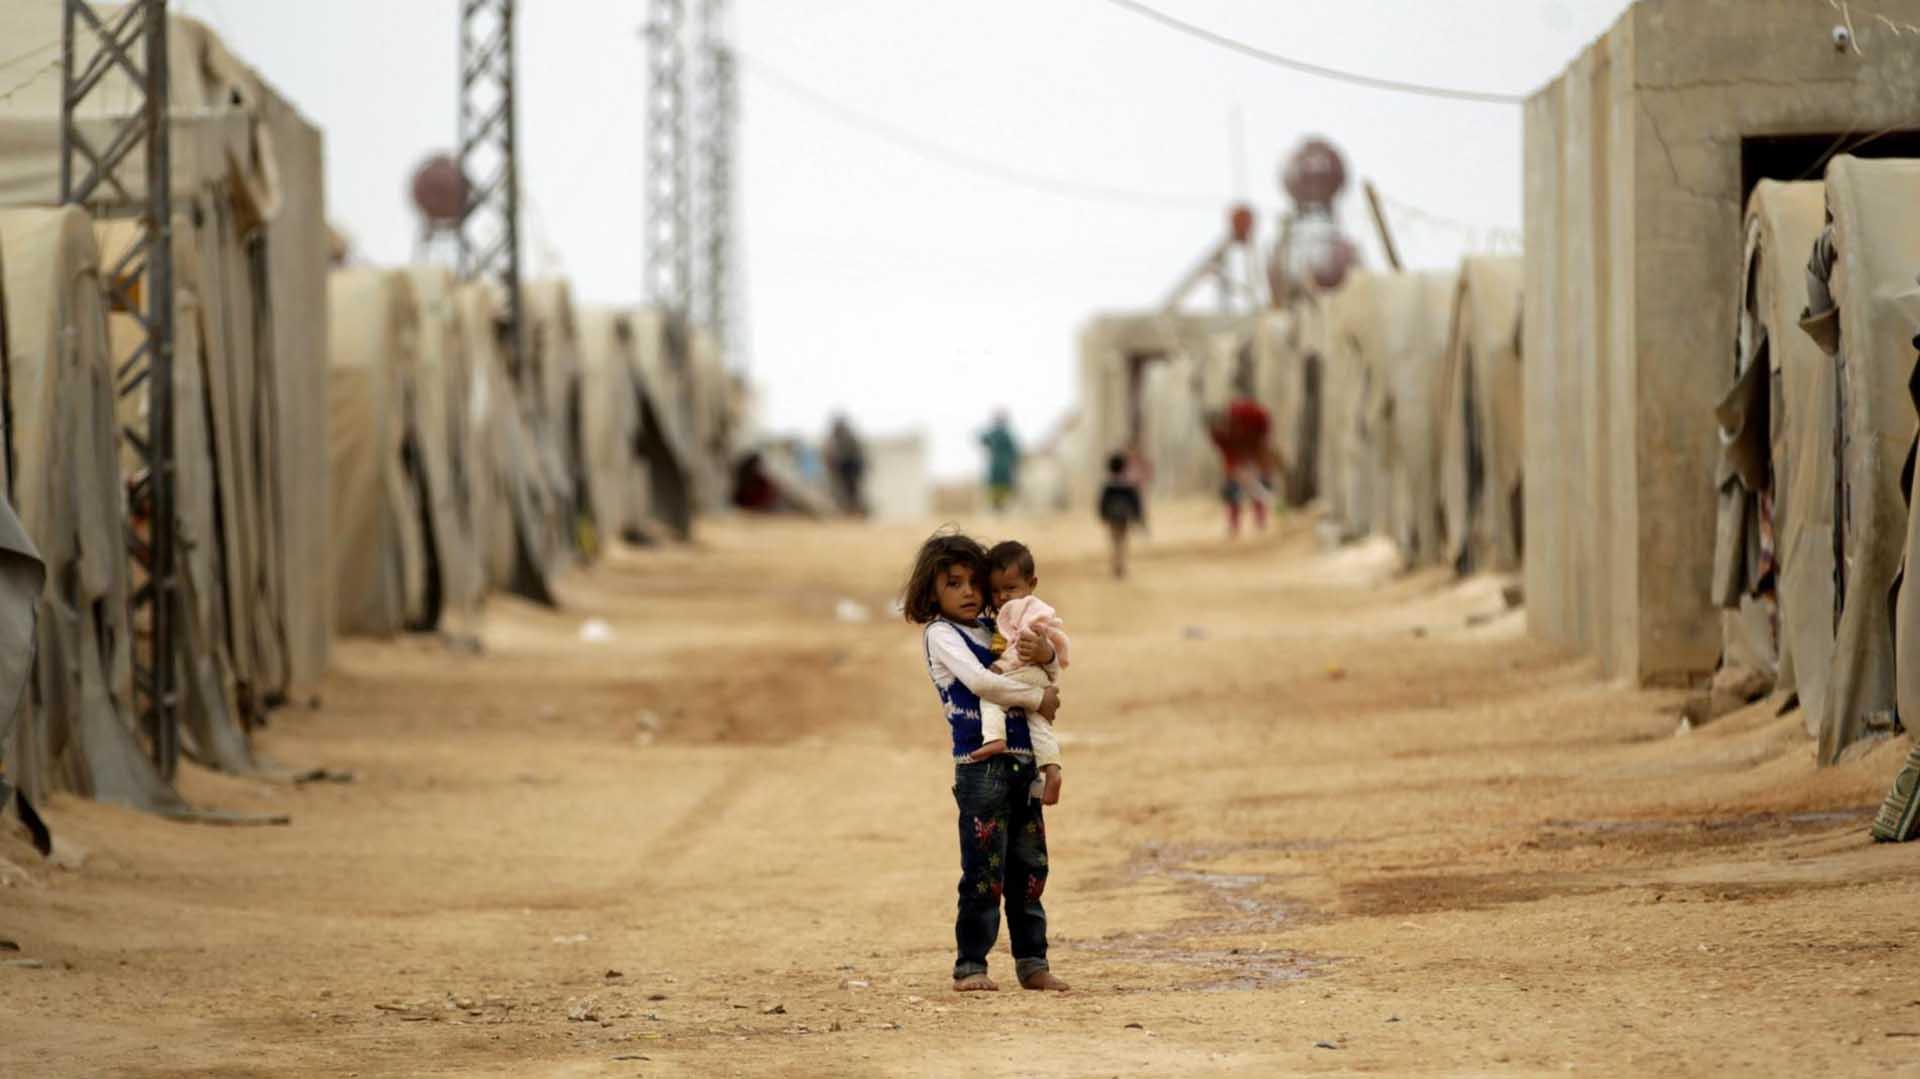 أطفال سورية… طفولة ضائعة ومستقبل مجهول